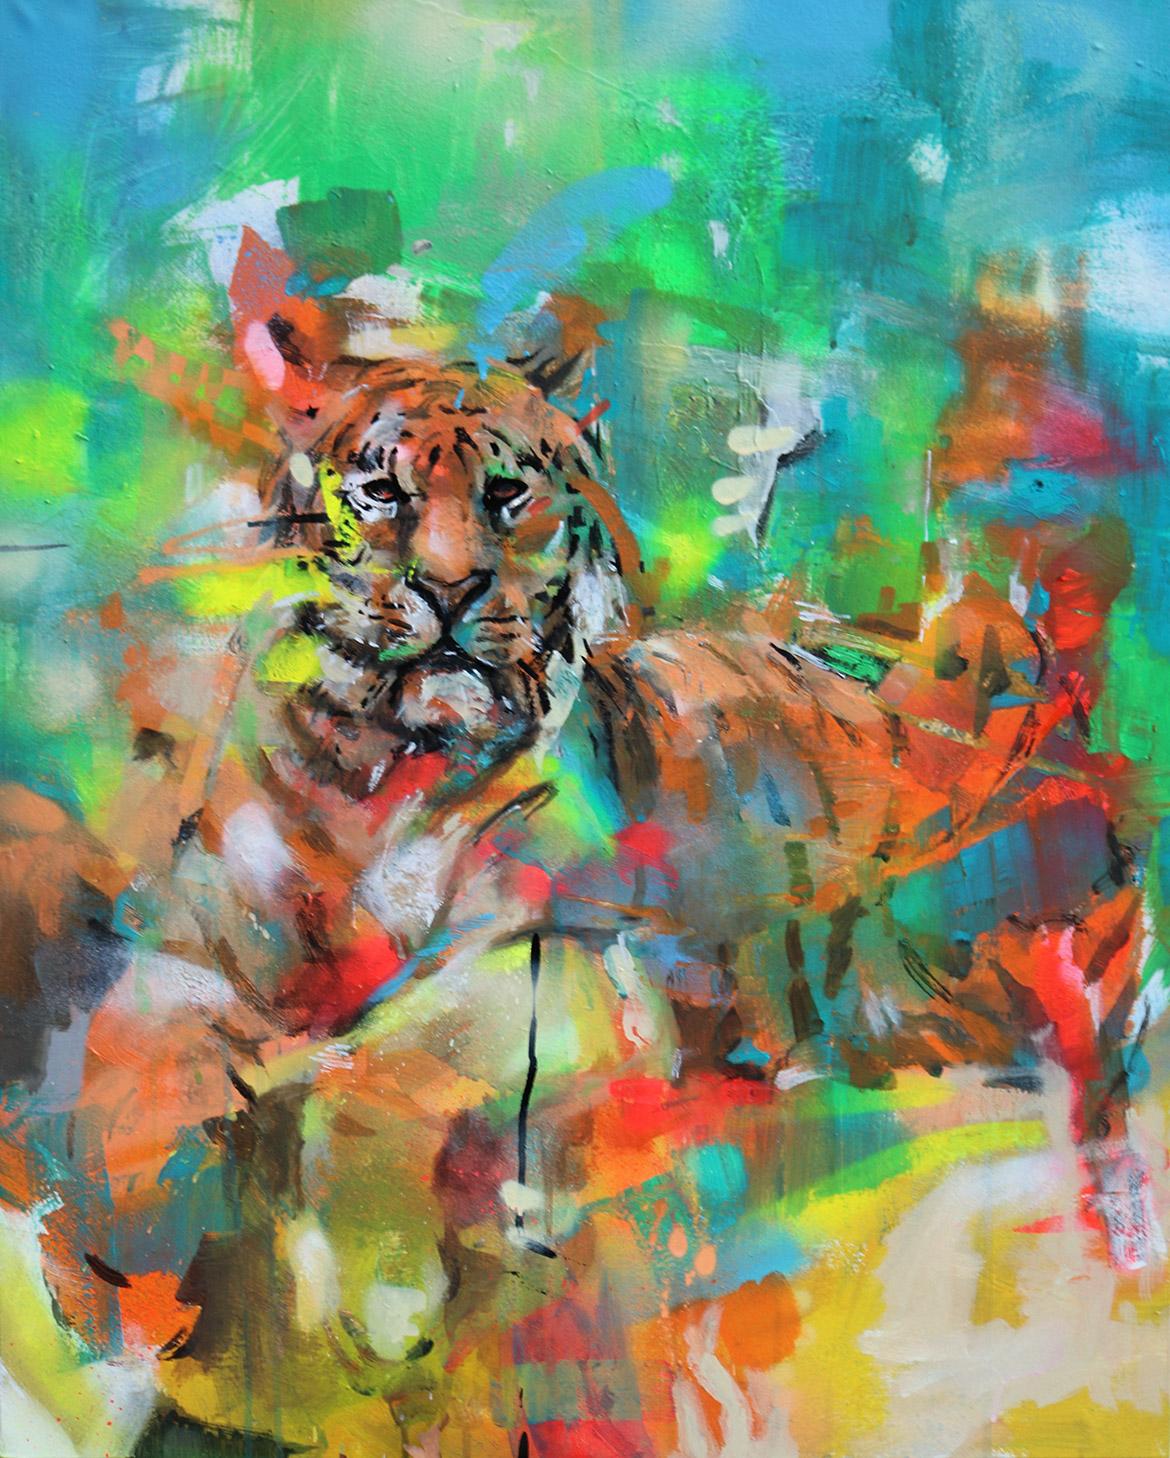 Toile de tigre en location pour un film et réalisée par l'artiste Enkage